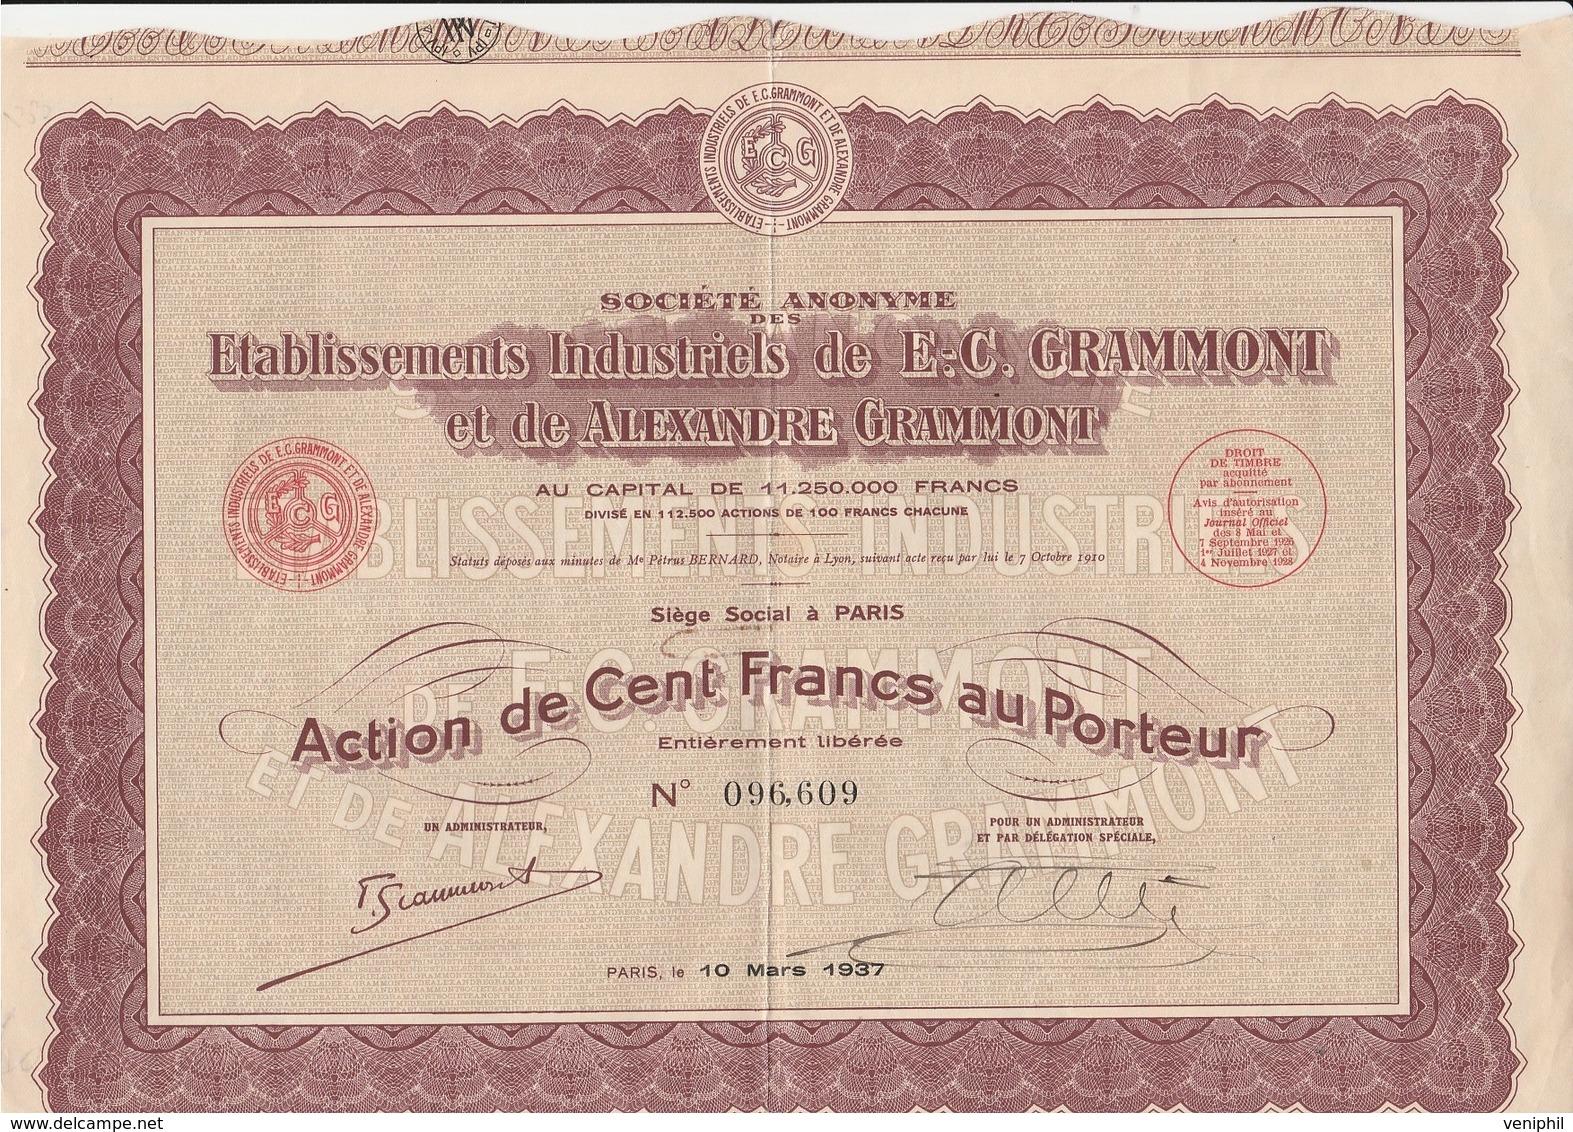 ACTION DE 100 FRANCS - ETABLISSEMENTS INDUSTRIELS DE E.C. GRAMMONT - ANNEE 1937 - Industrie